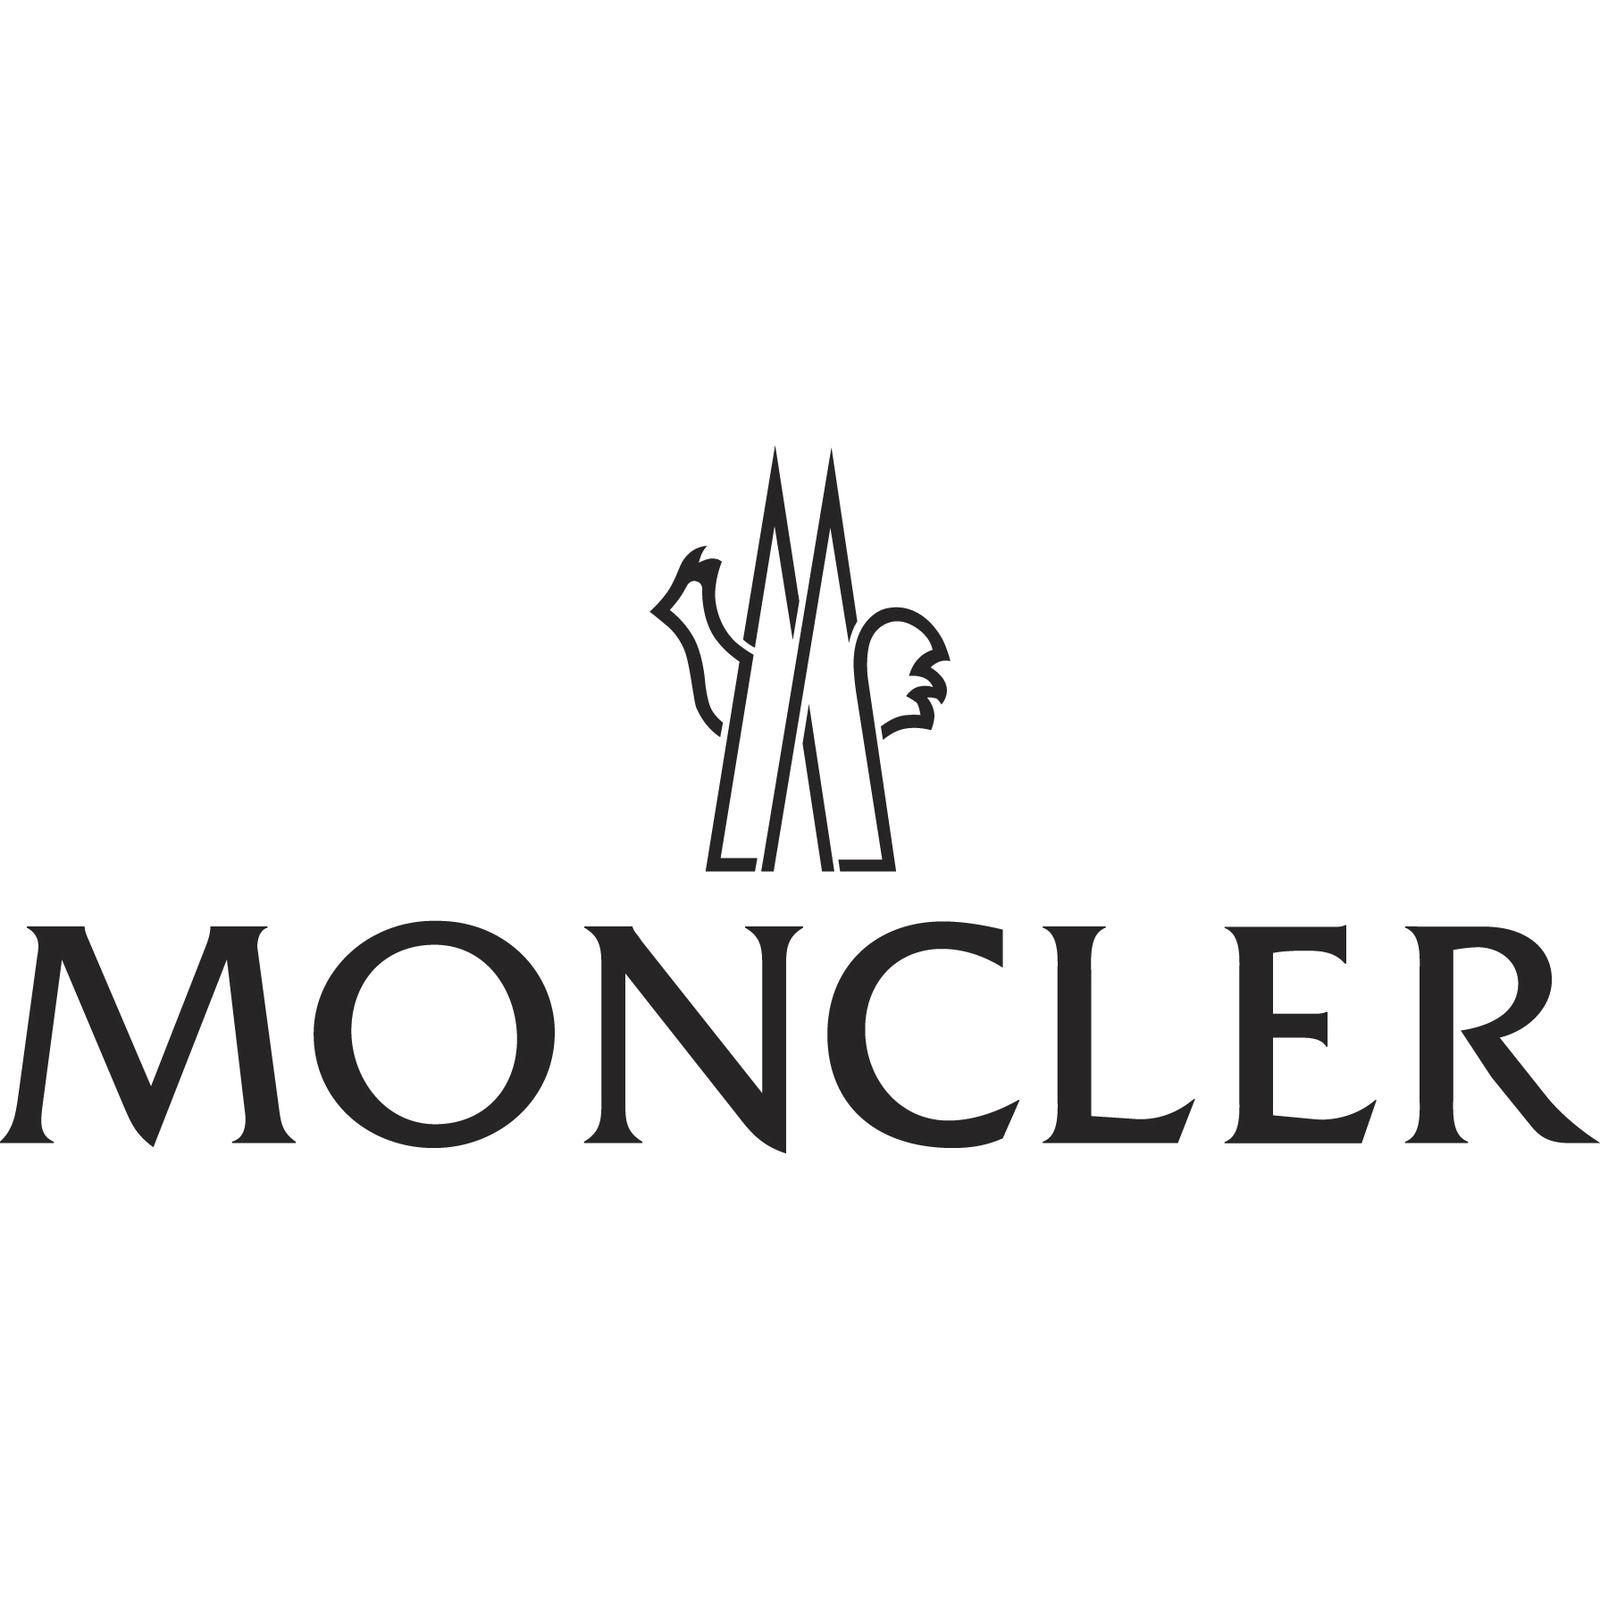 MONCLER LUNETTES (Image 1)